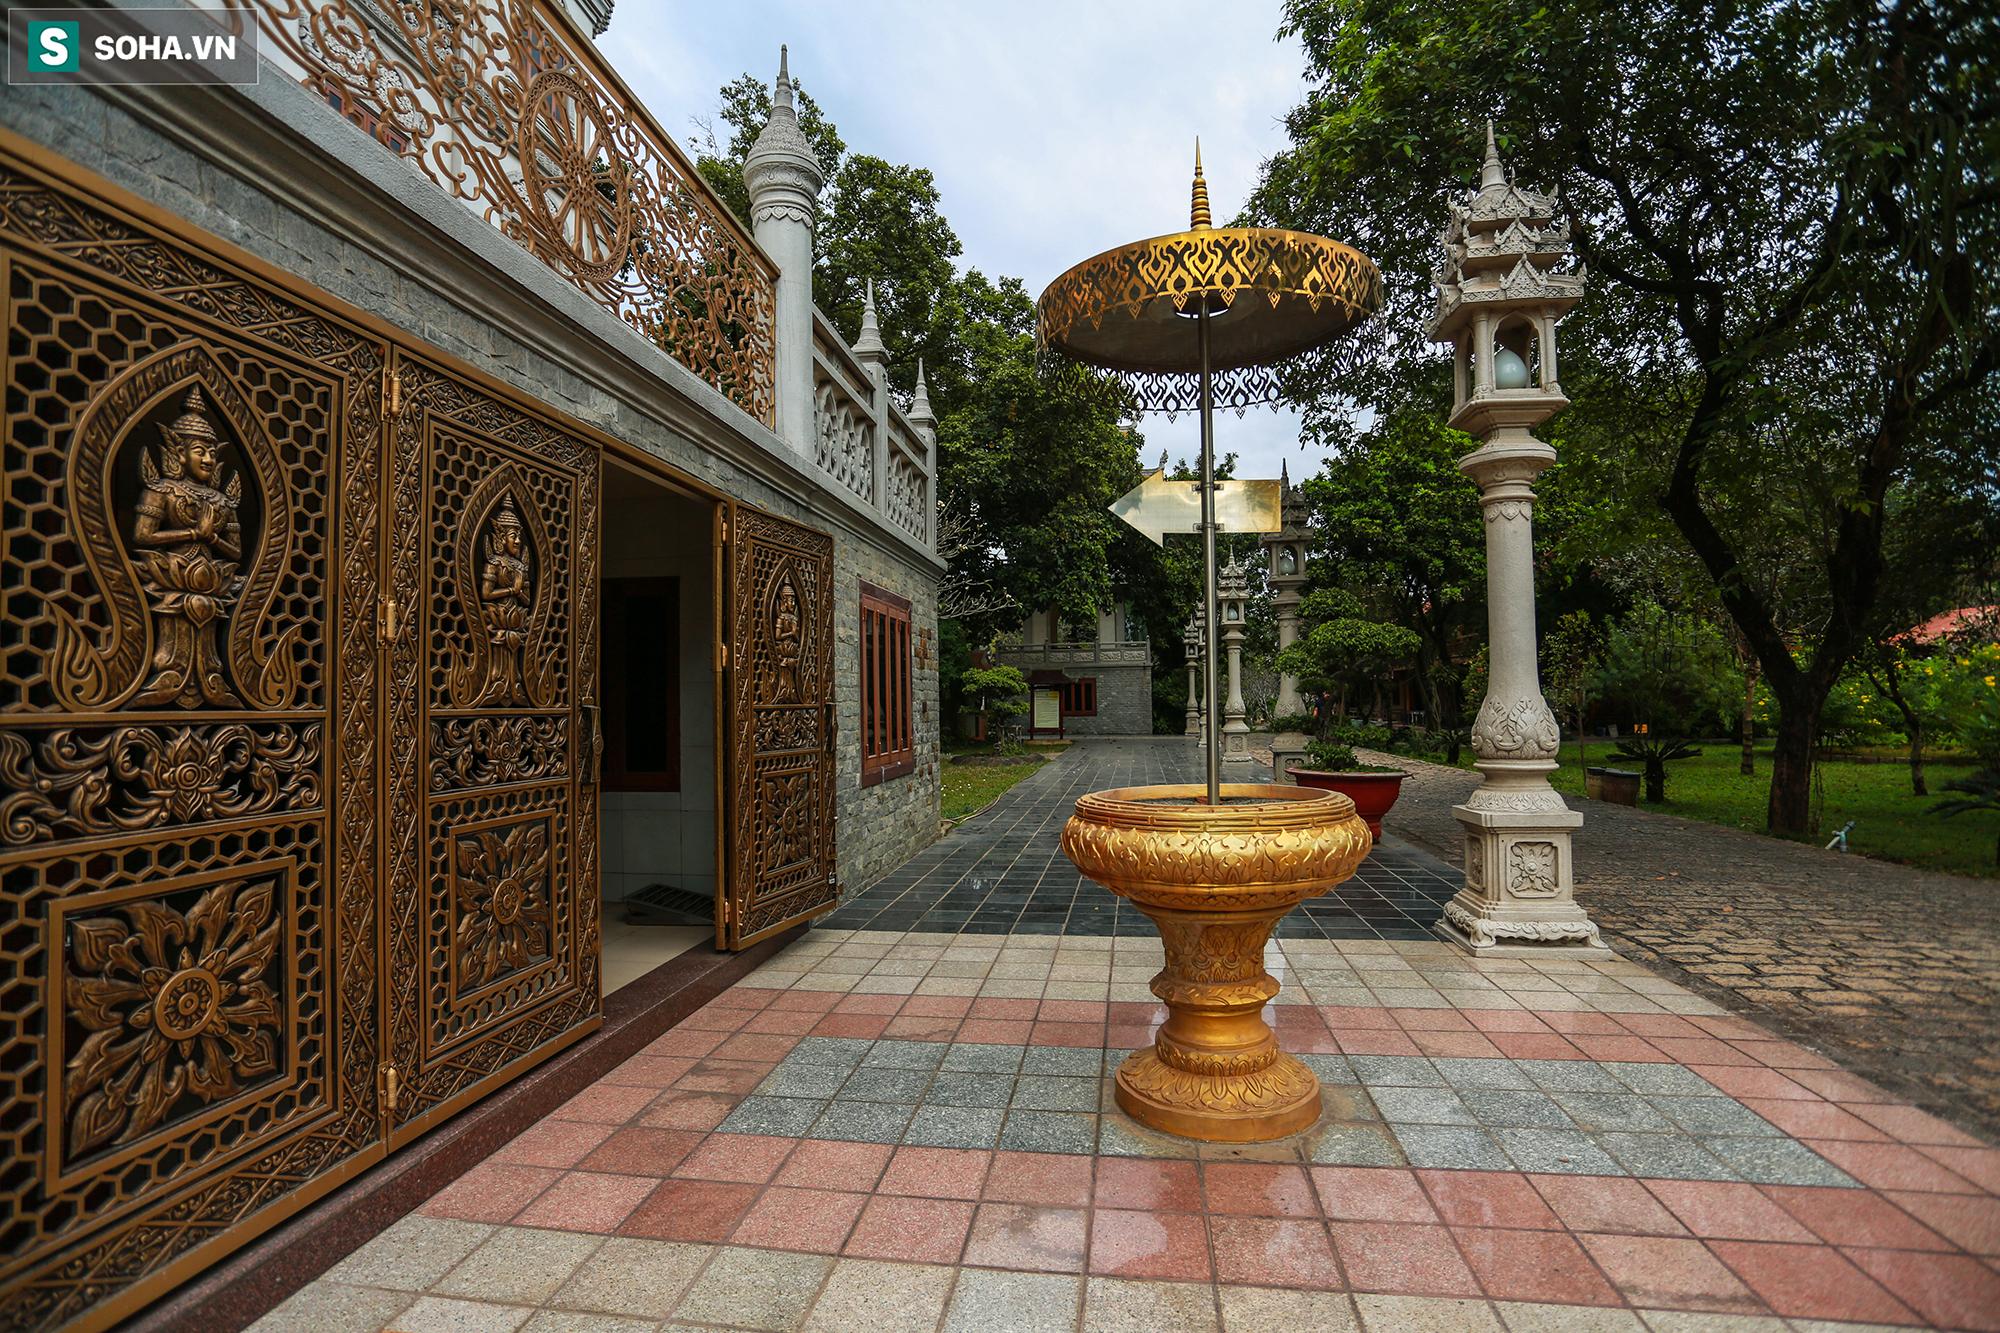 [Ảnh] Ngắm vẻ đẹp huyền bí của ngôi chùa lọt top đẹp nhất thế giới tọa lạc tại TP.Thủ Đức - Ảnh 7.